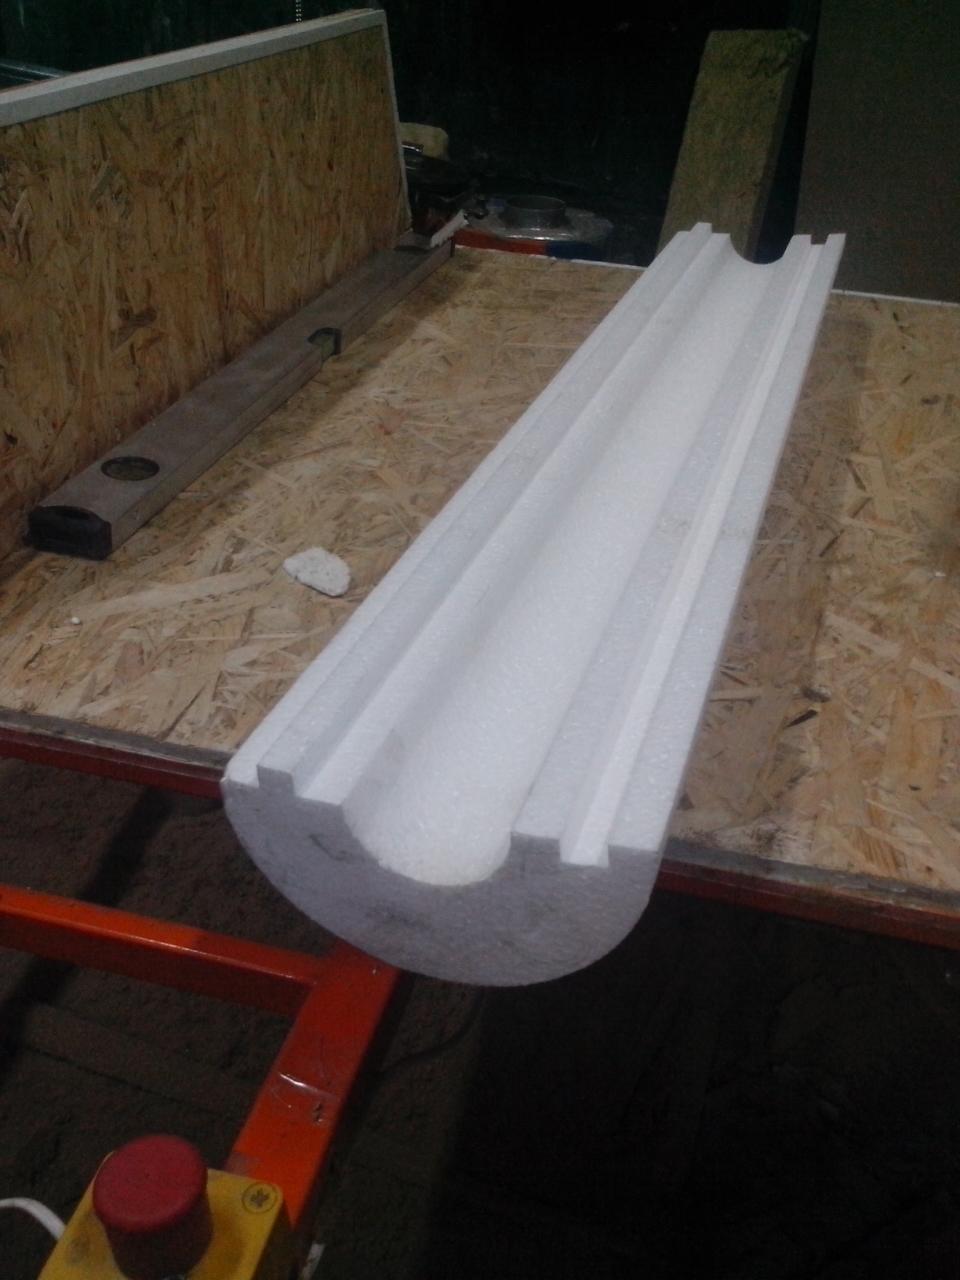 Утеплитель из пенопласта (пенополистирола) для труб Ø 20 мм толщиной 60 мм